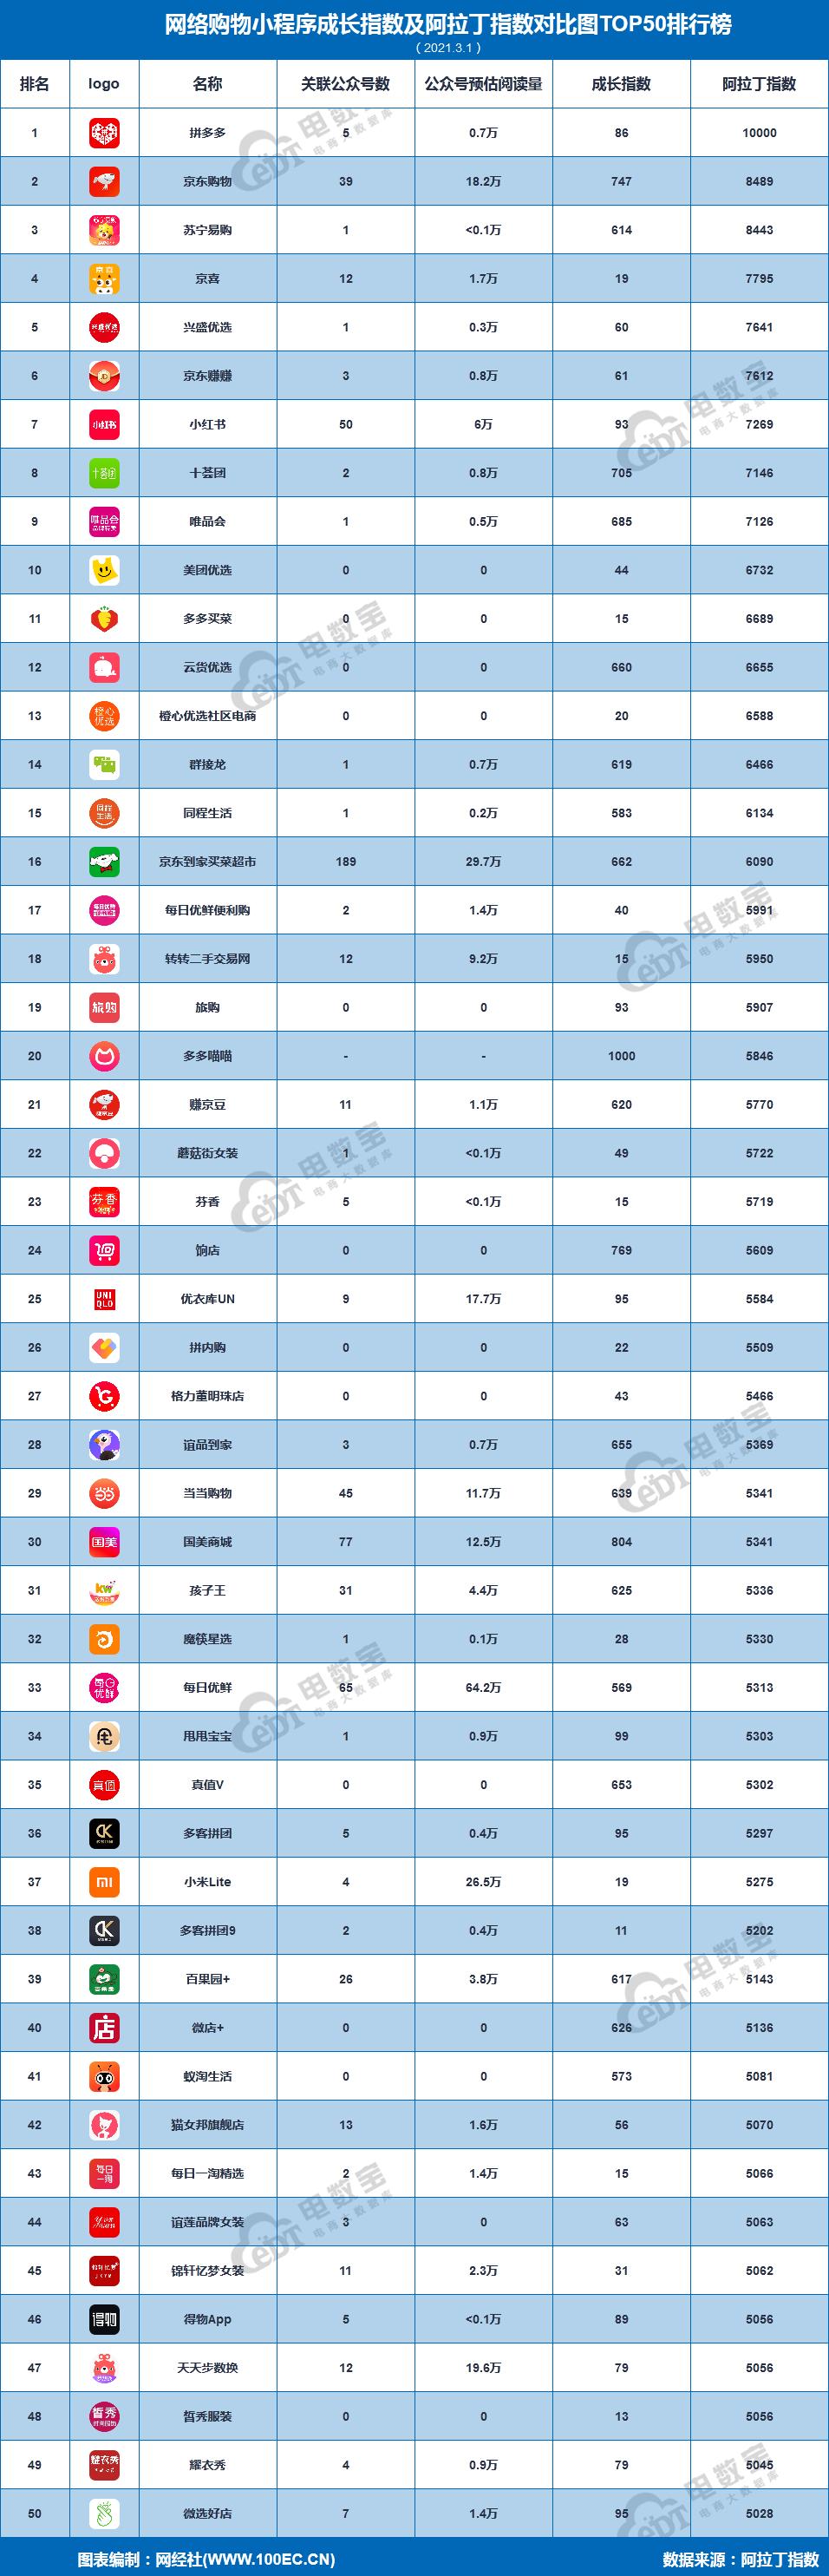 拼多多稳居榜首 京东 苏宁易购 京喜 兴盛优选居前五《3月网络购物小程序TOP50榜》发布